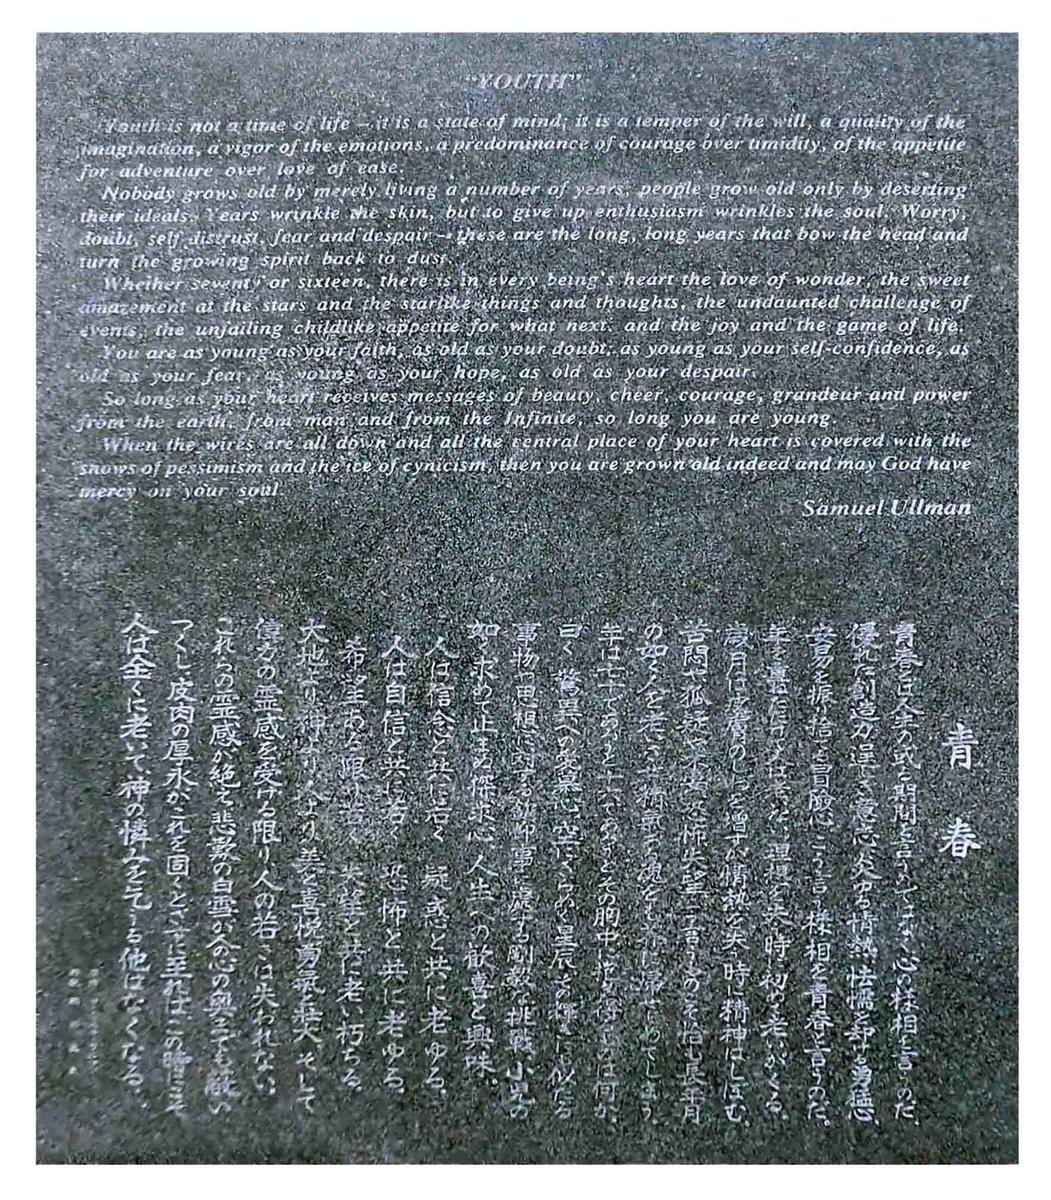 f:id:jiajiawarabi:20210125191220j:plain